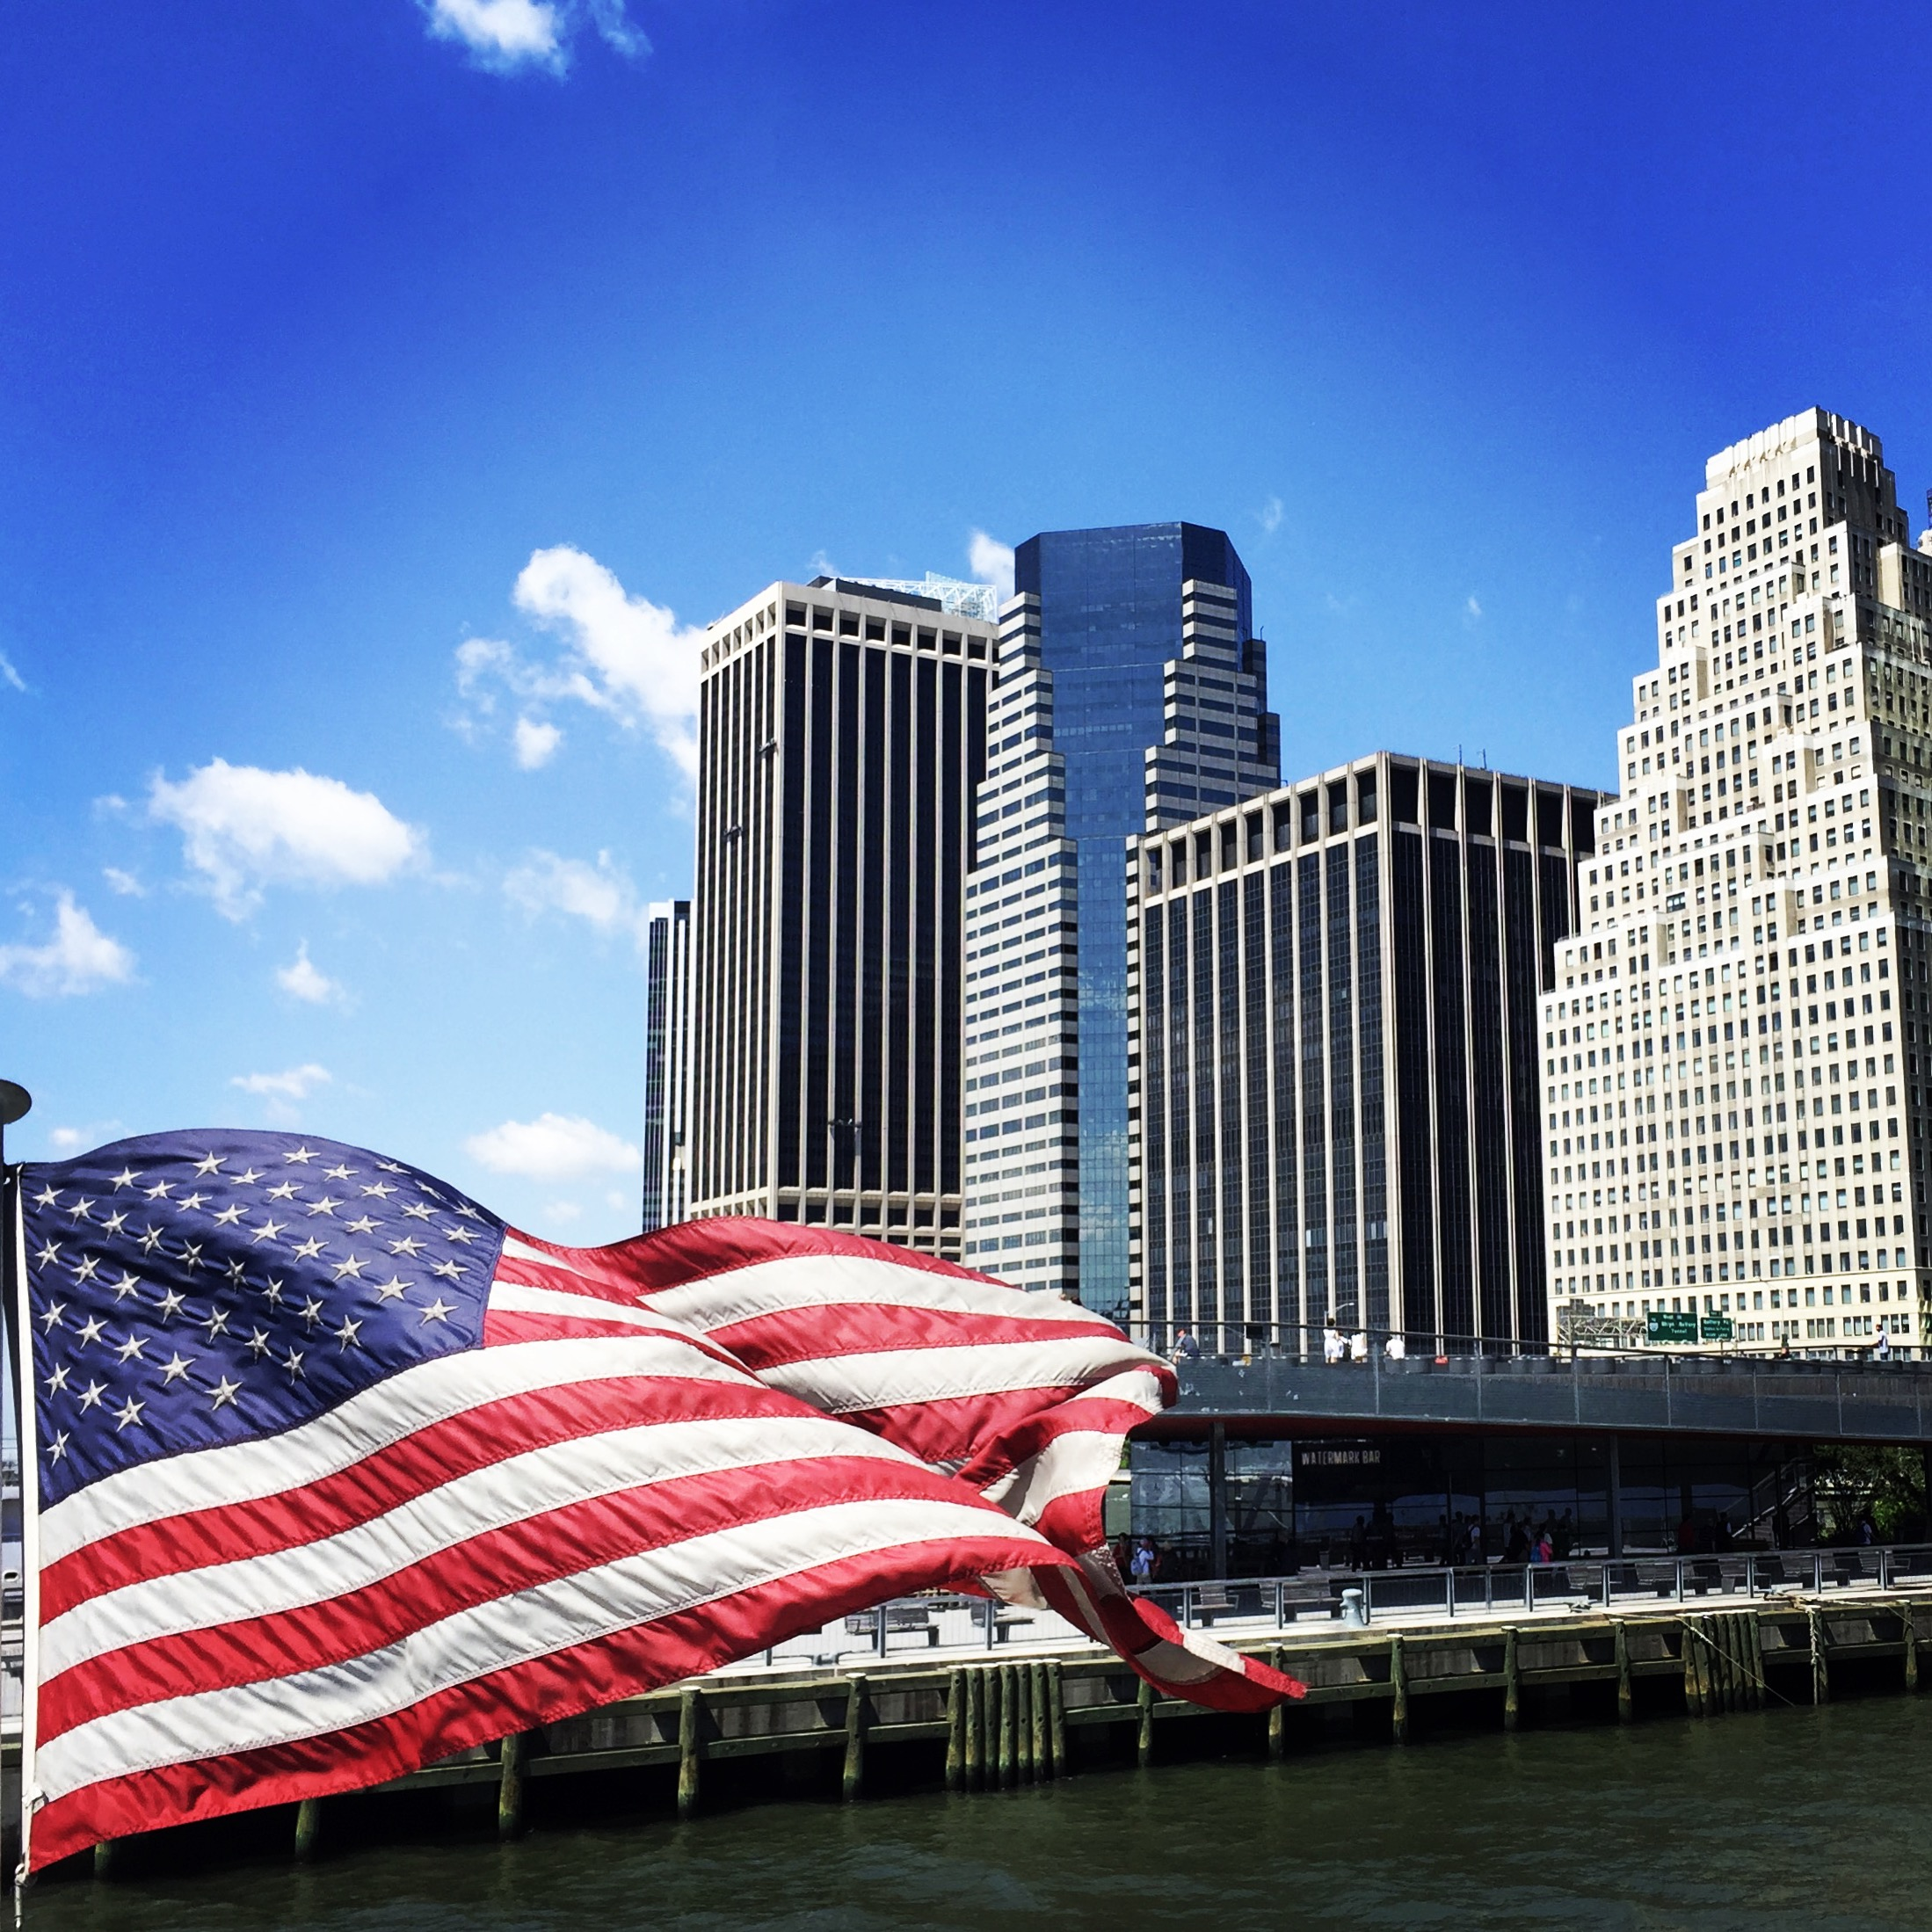 Ansicht von New York City mit amerikanischer Flagge